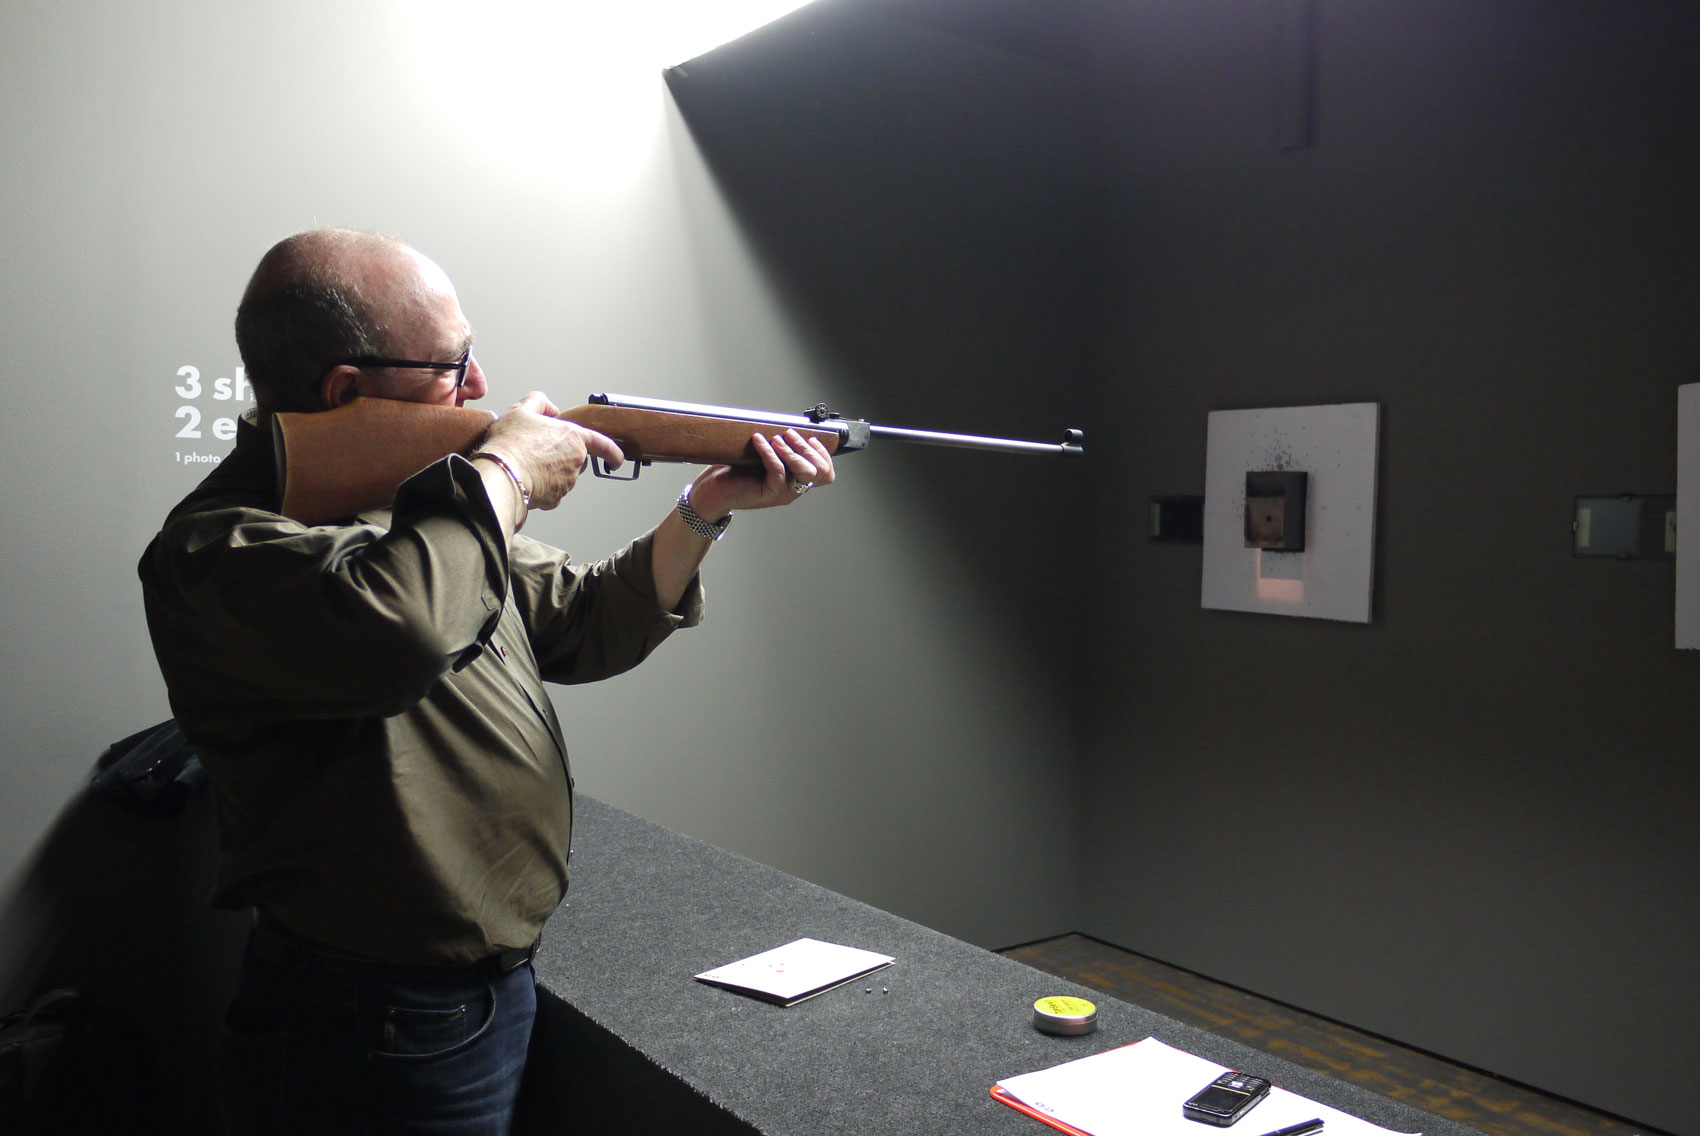 Ein Mann am Jahrmarkt-Schiessbudenstand zielt mit dem Gewehr